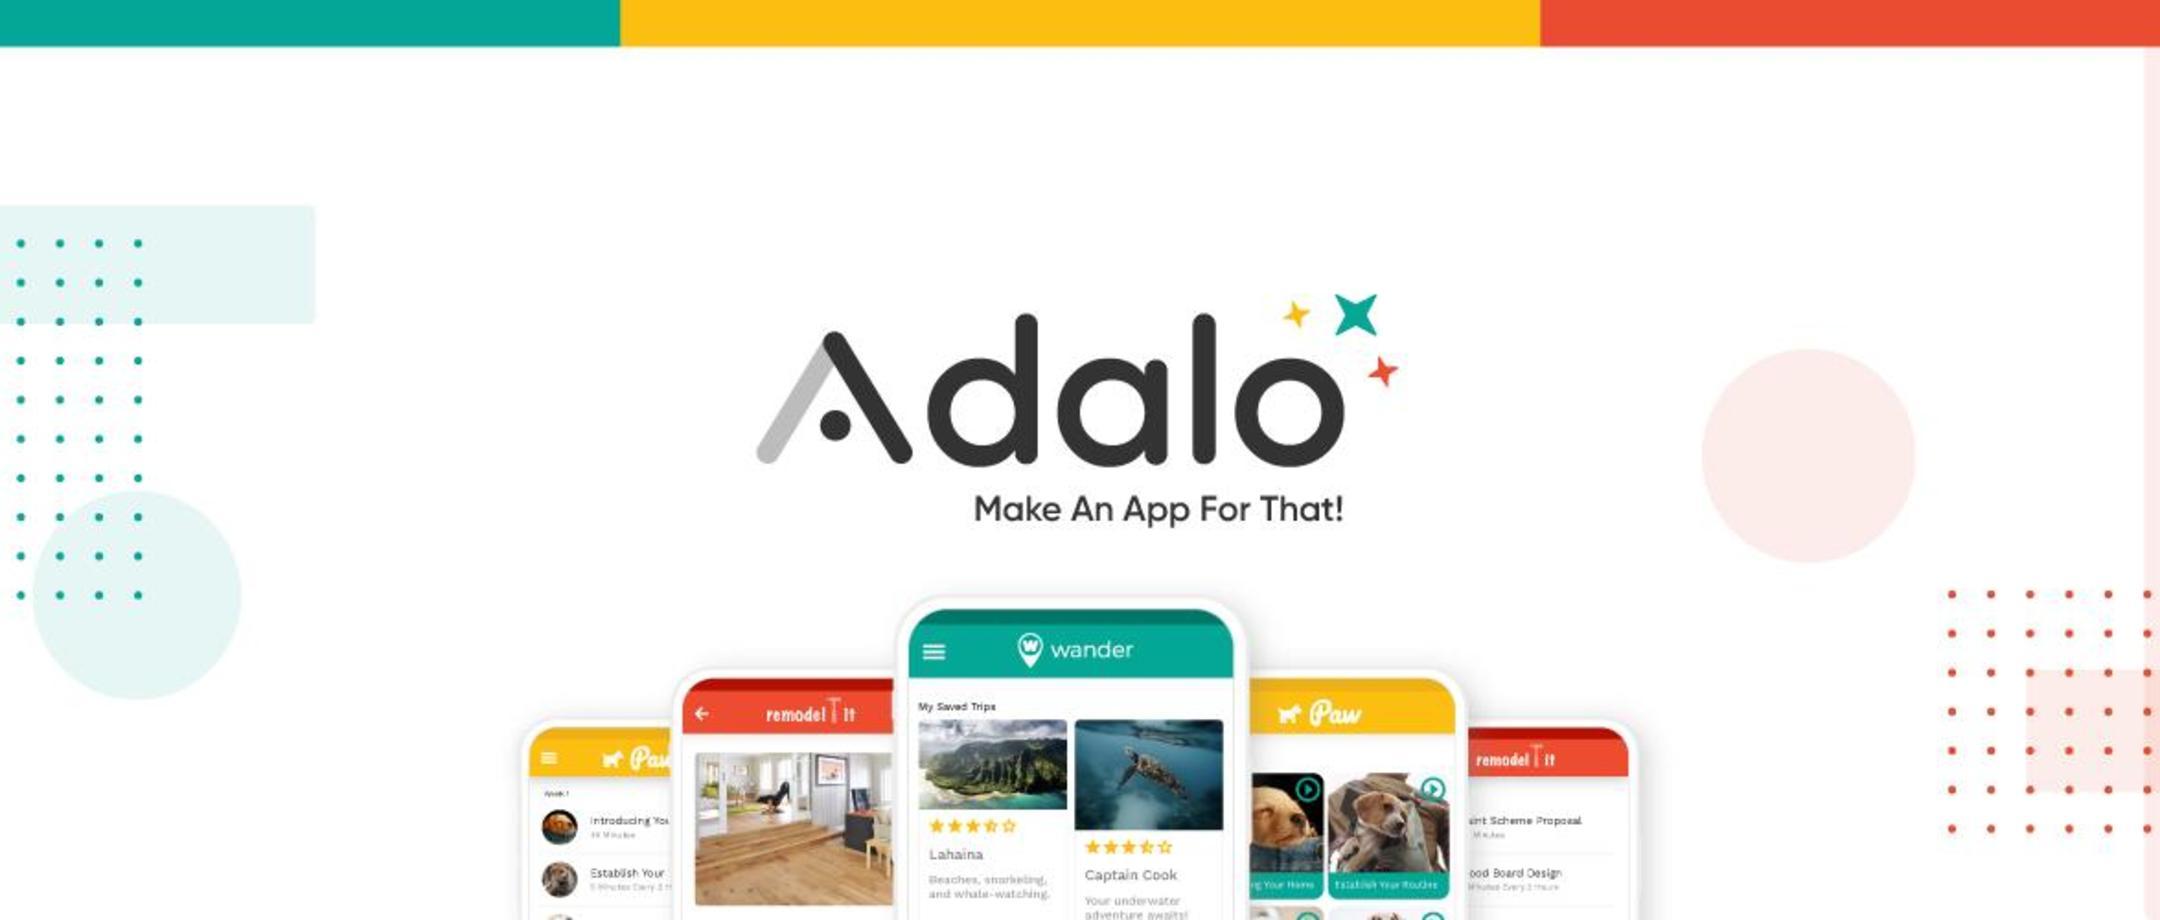 Adalo (アダロ)